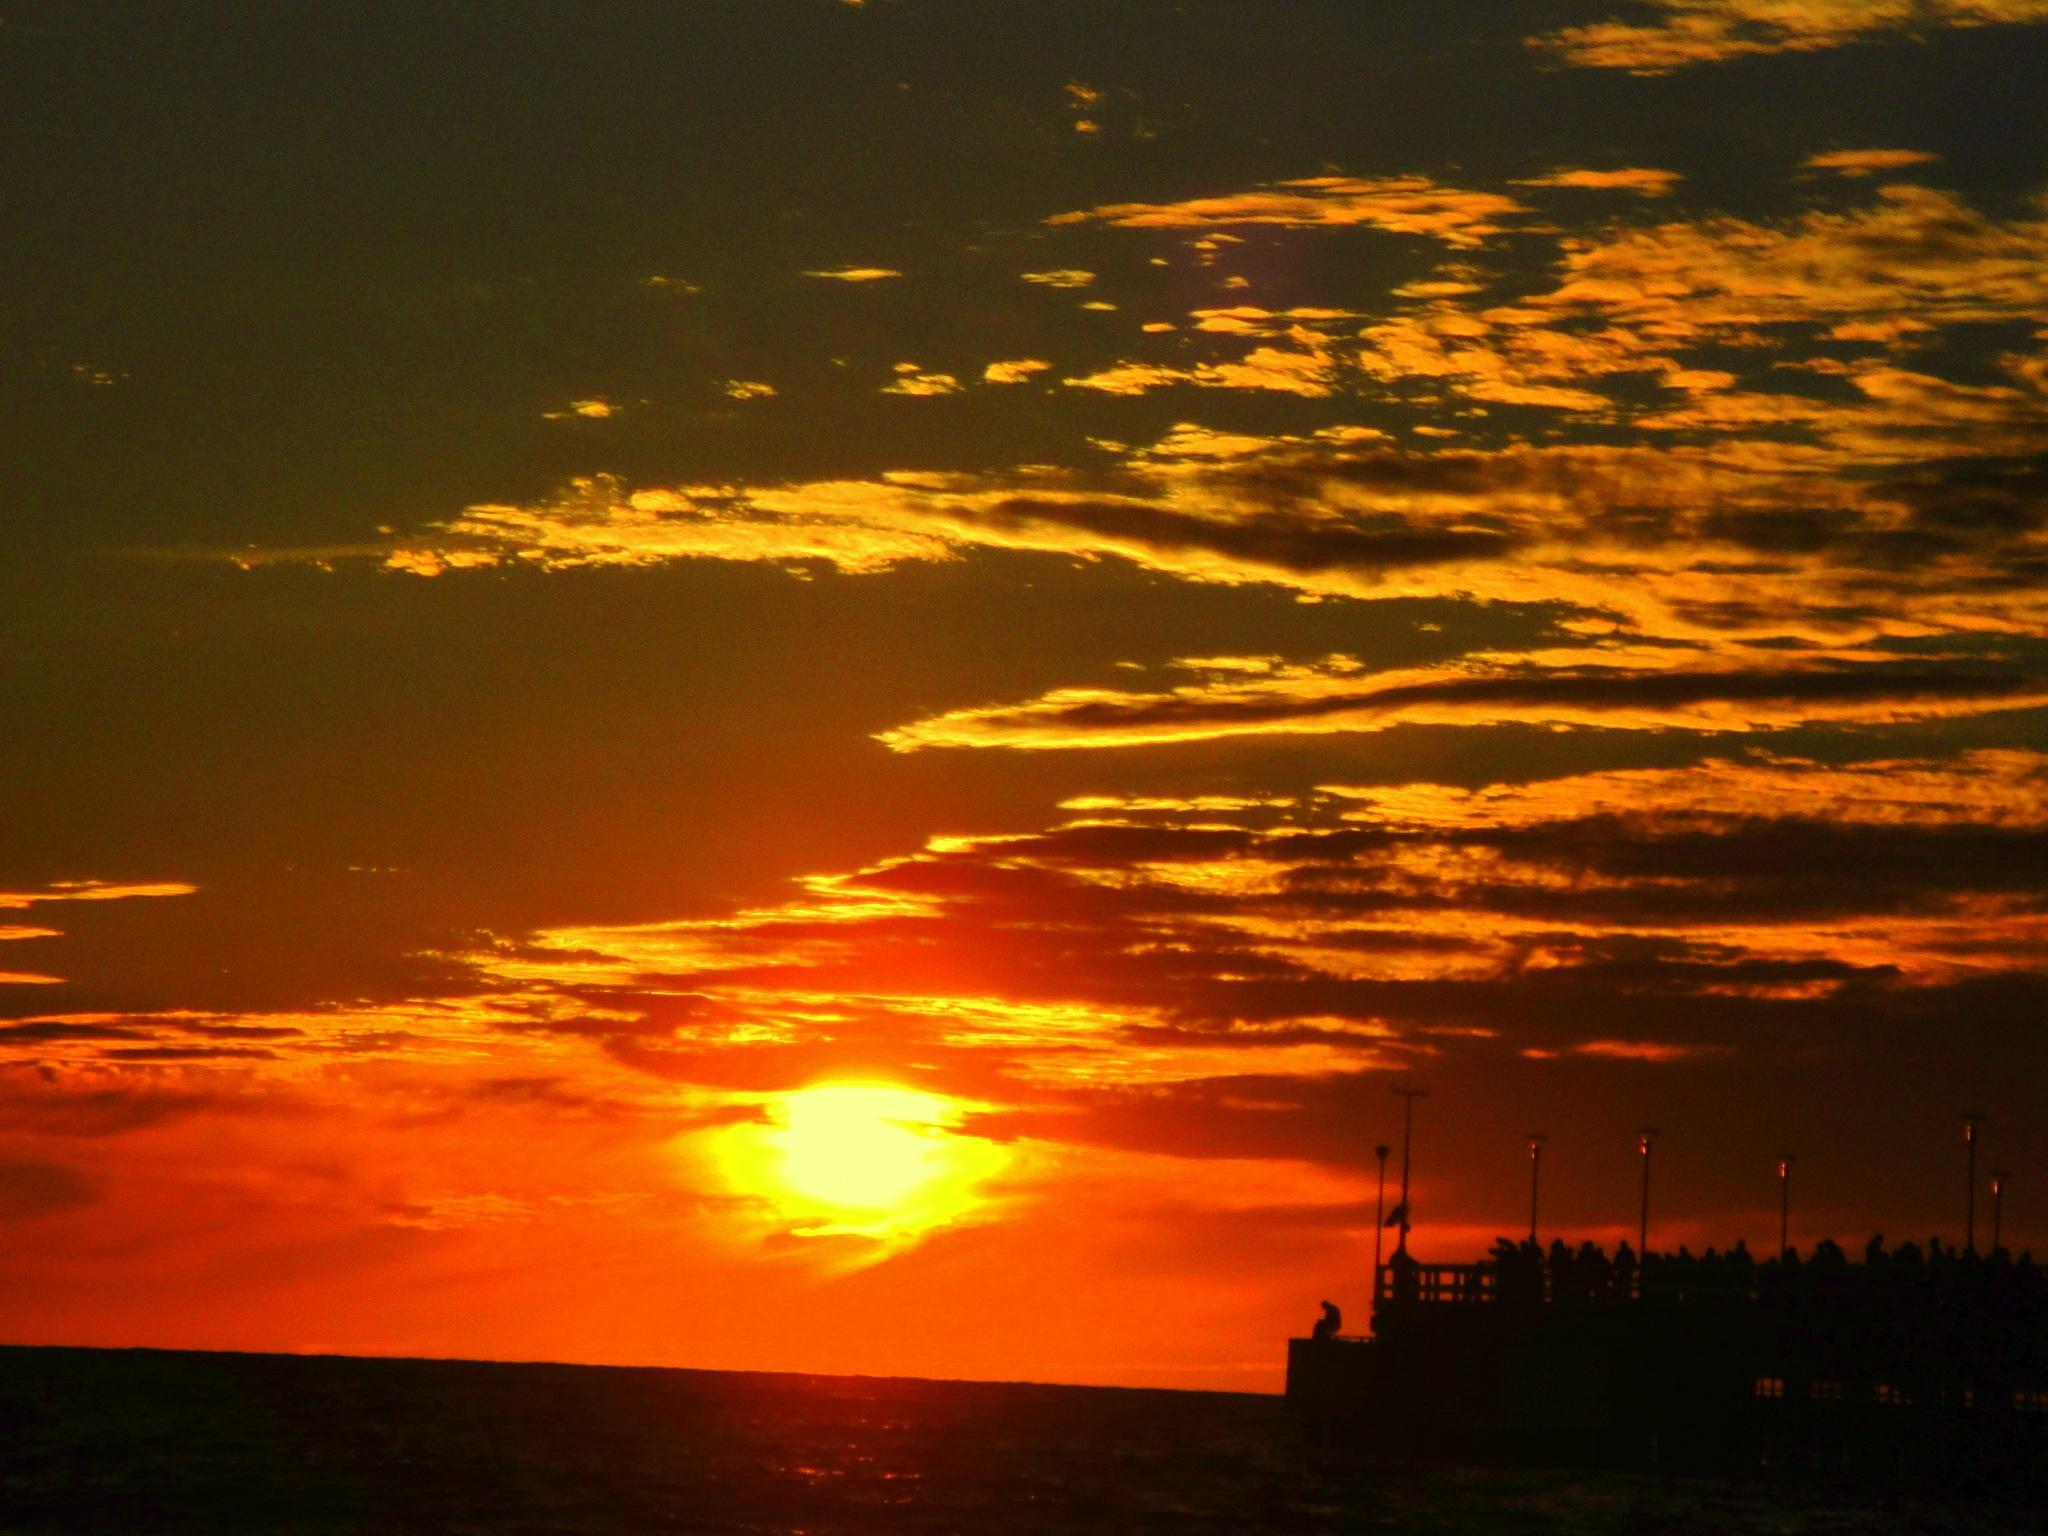 Sunset(4) by SigitaBer